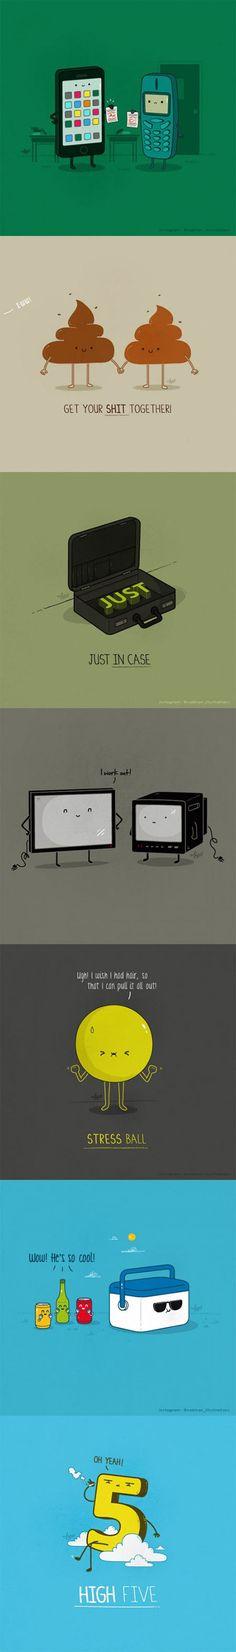 funny-cartoons-puns-smartphone